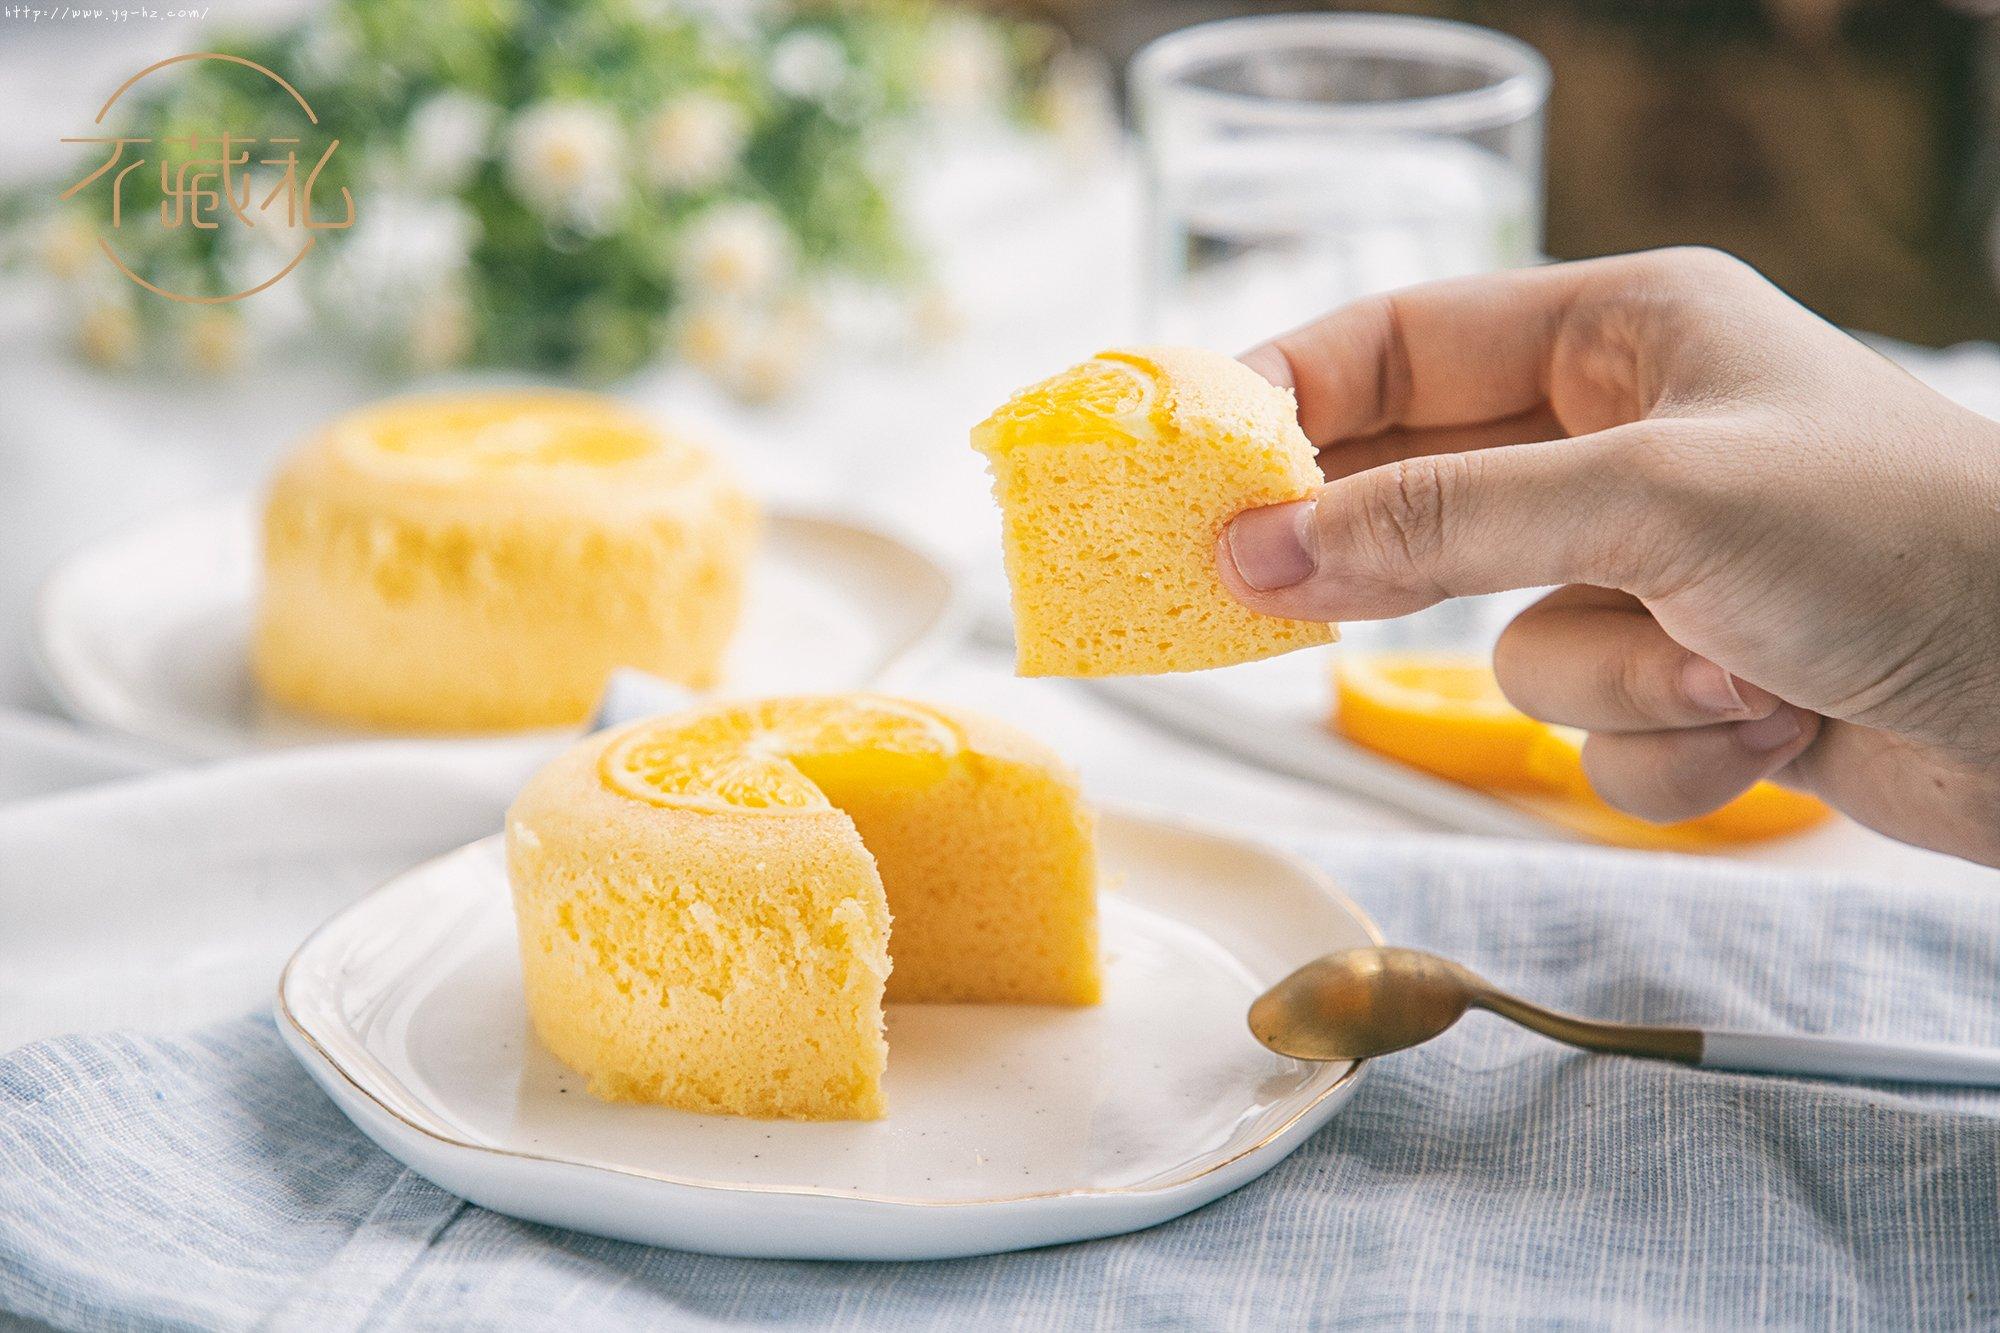 3款快手甜品:马克杯蛋糕、香橙蒸蛋糕、百合冰糖炖雪梨 【不藏私】的做法 步骤6